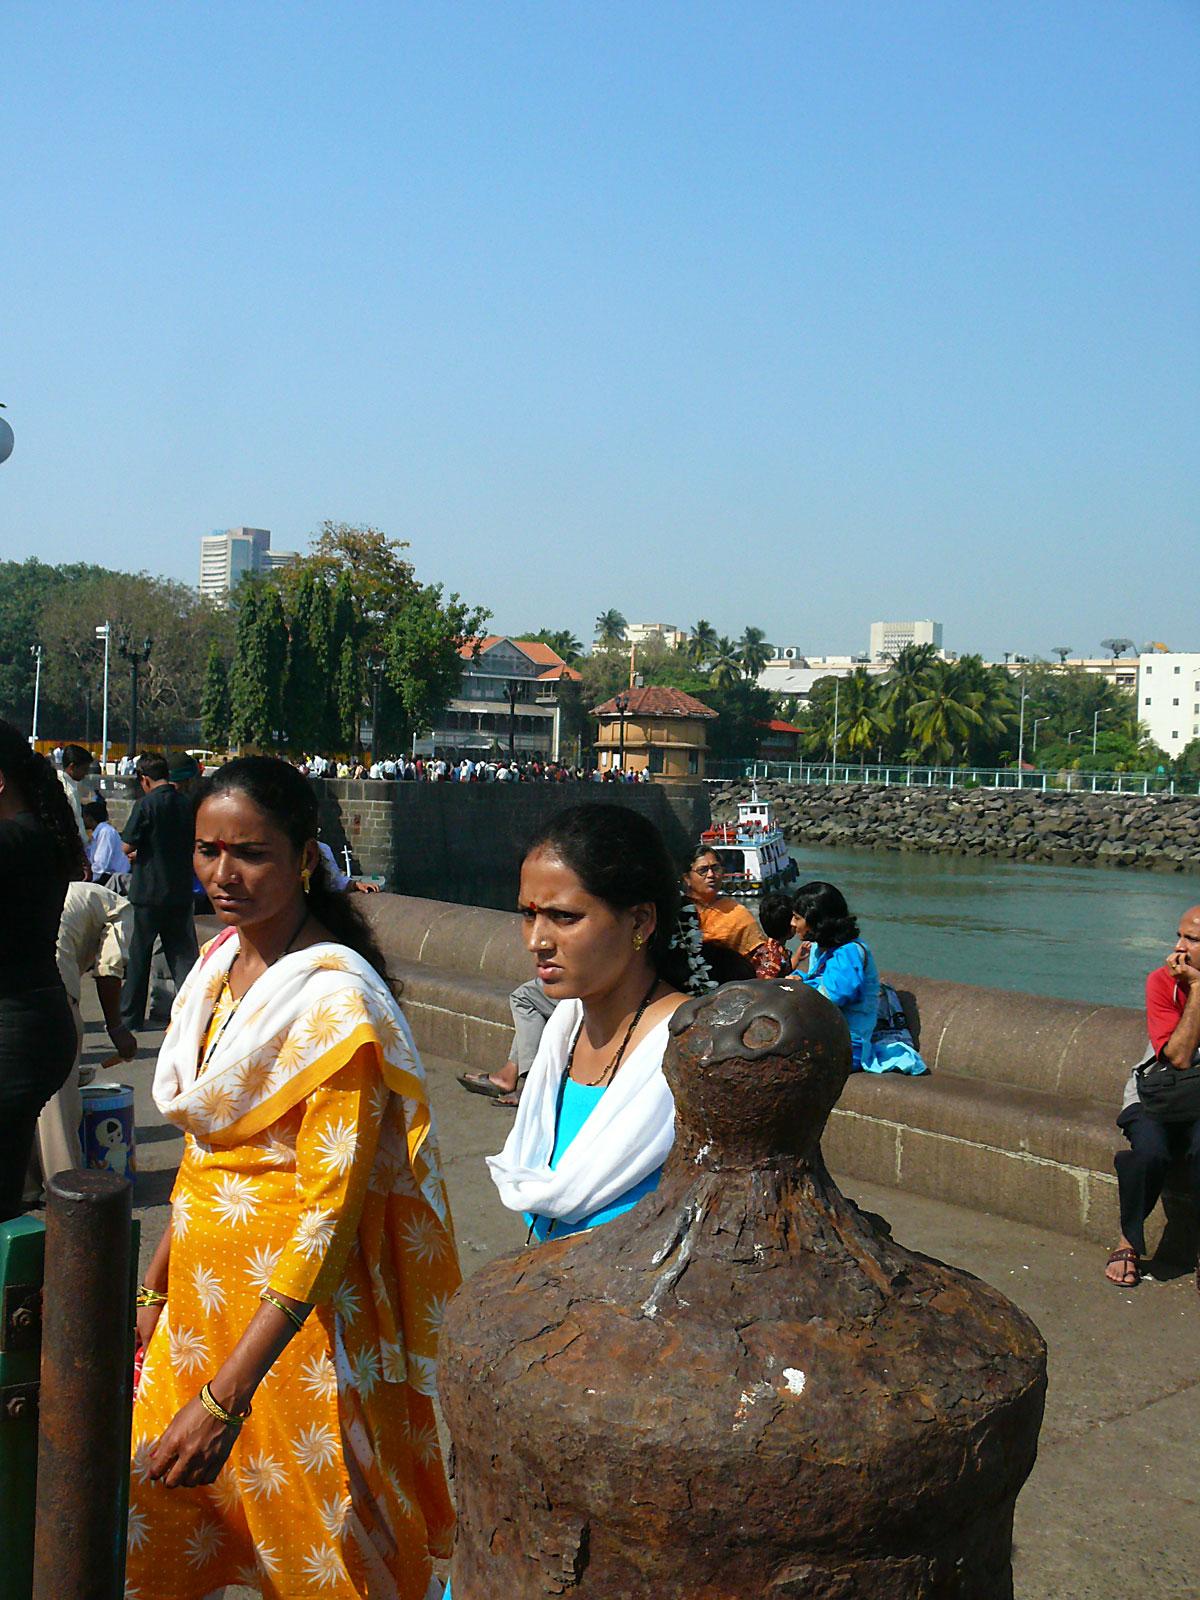 INDIEN MUMBAI Menschen Wohnen FINEST-onTour P1030508.jpg